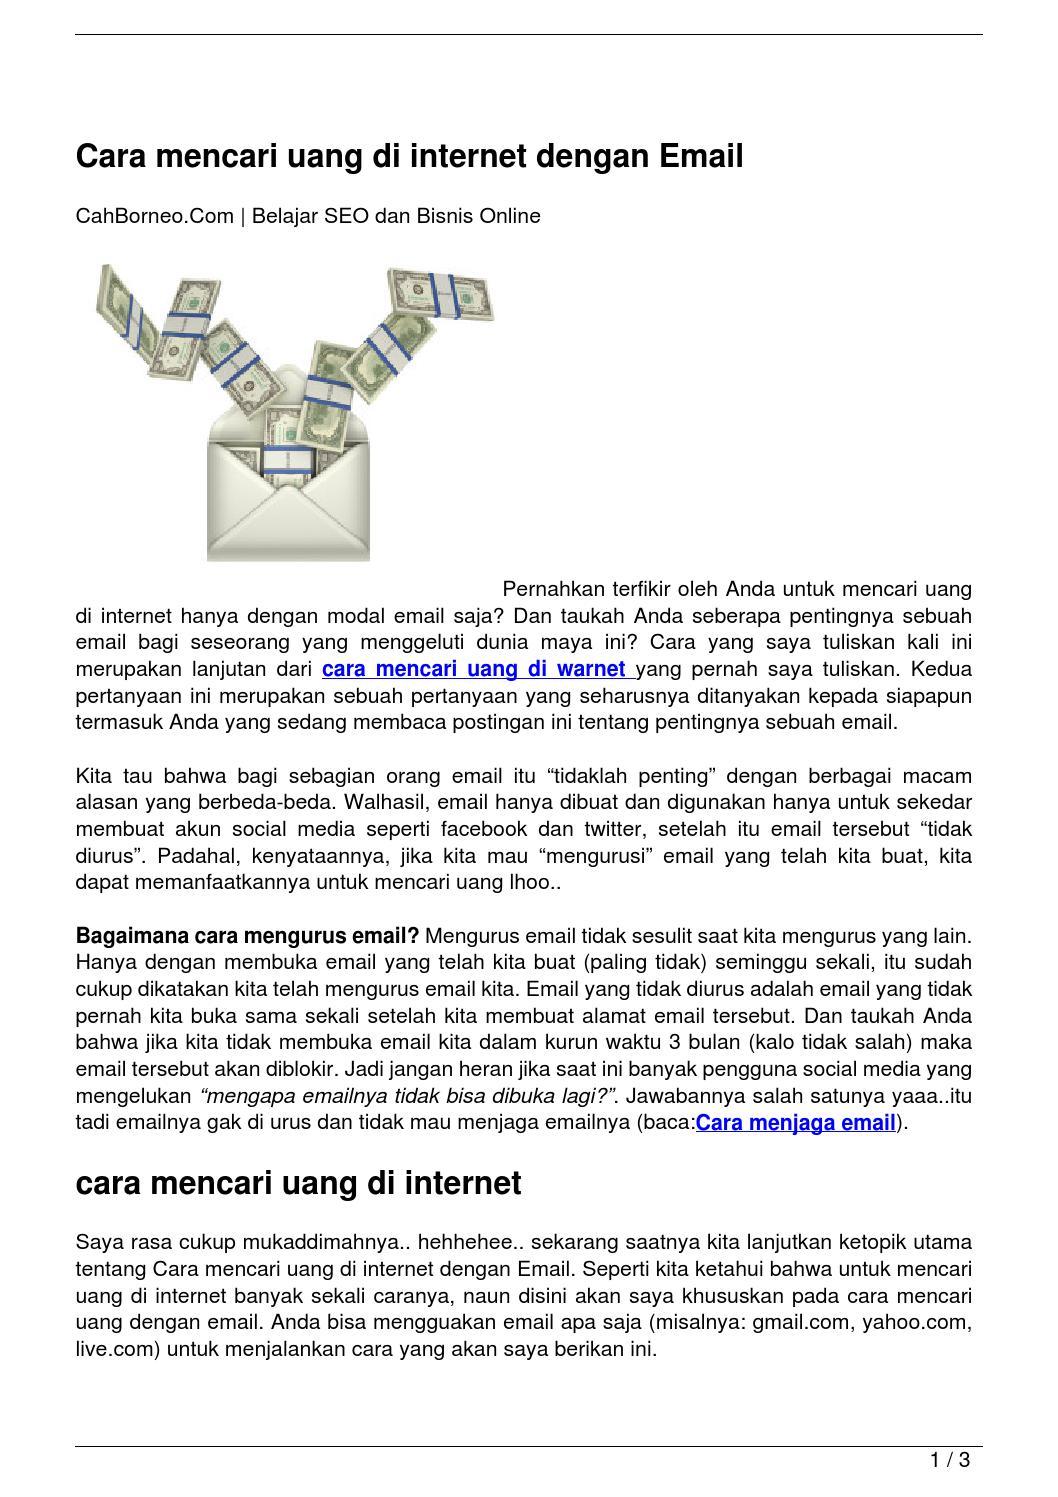 Cara mencari uang di internet dengan Email by cah qeenee ...